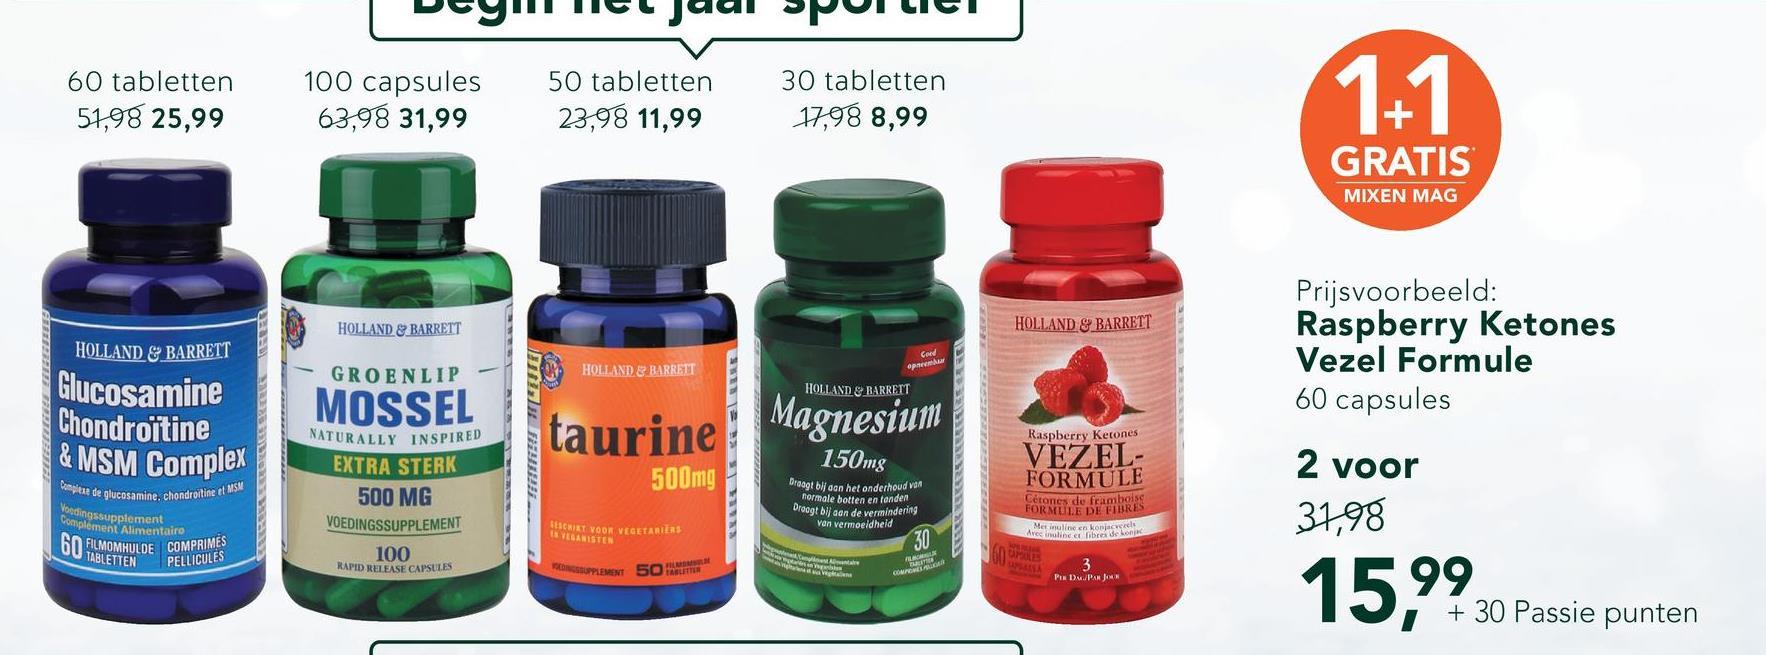 Holland & Barrett Glucosamine Sulphate 500mg 120 capsules <ul><li>Bevat per tablet 500mg glucosamine sulfaat</li> <li>Glucosamine is een van nature in het lichaam voorkomende stof</li> <li>Zeer goed opneembare vorm van glucosamine</li></ul> Glucosamine Sulfaat van Holland &amp; Barrett bevatten per tablet 500mg Glucosamine sulfaat. Glucosamine sulfaat wordt gewonnen uit schaal- en schelpdieren en is een zeer goed opneembare vorm van Glucosamine.<br><br>  Glucosamine komt niet veel voor in voeding en naarmate we ouder worden daalt de aanmaak van glucosamine in het lichaam.